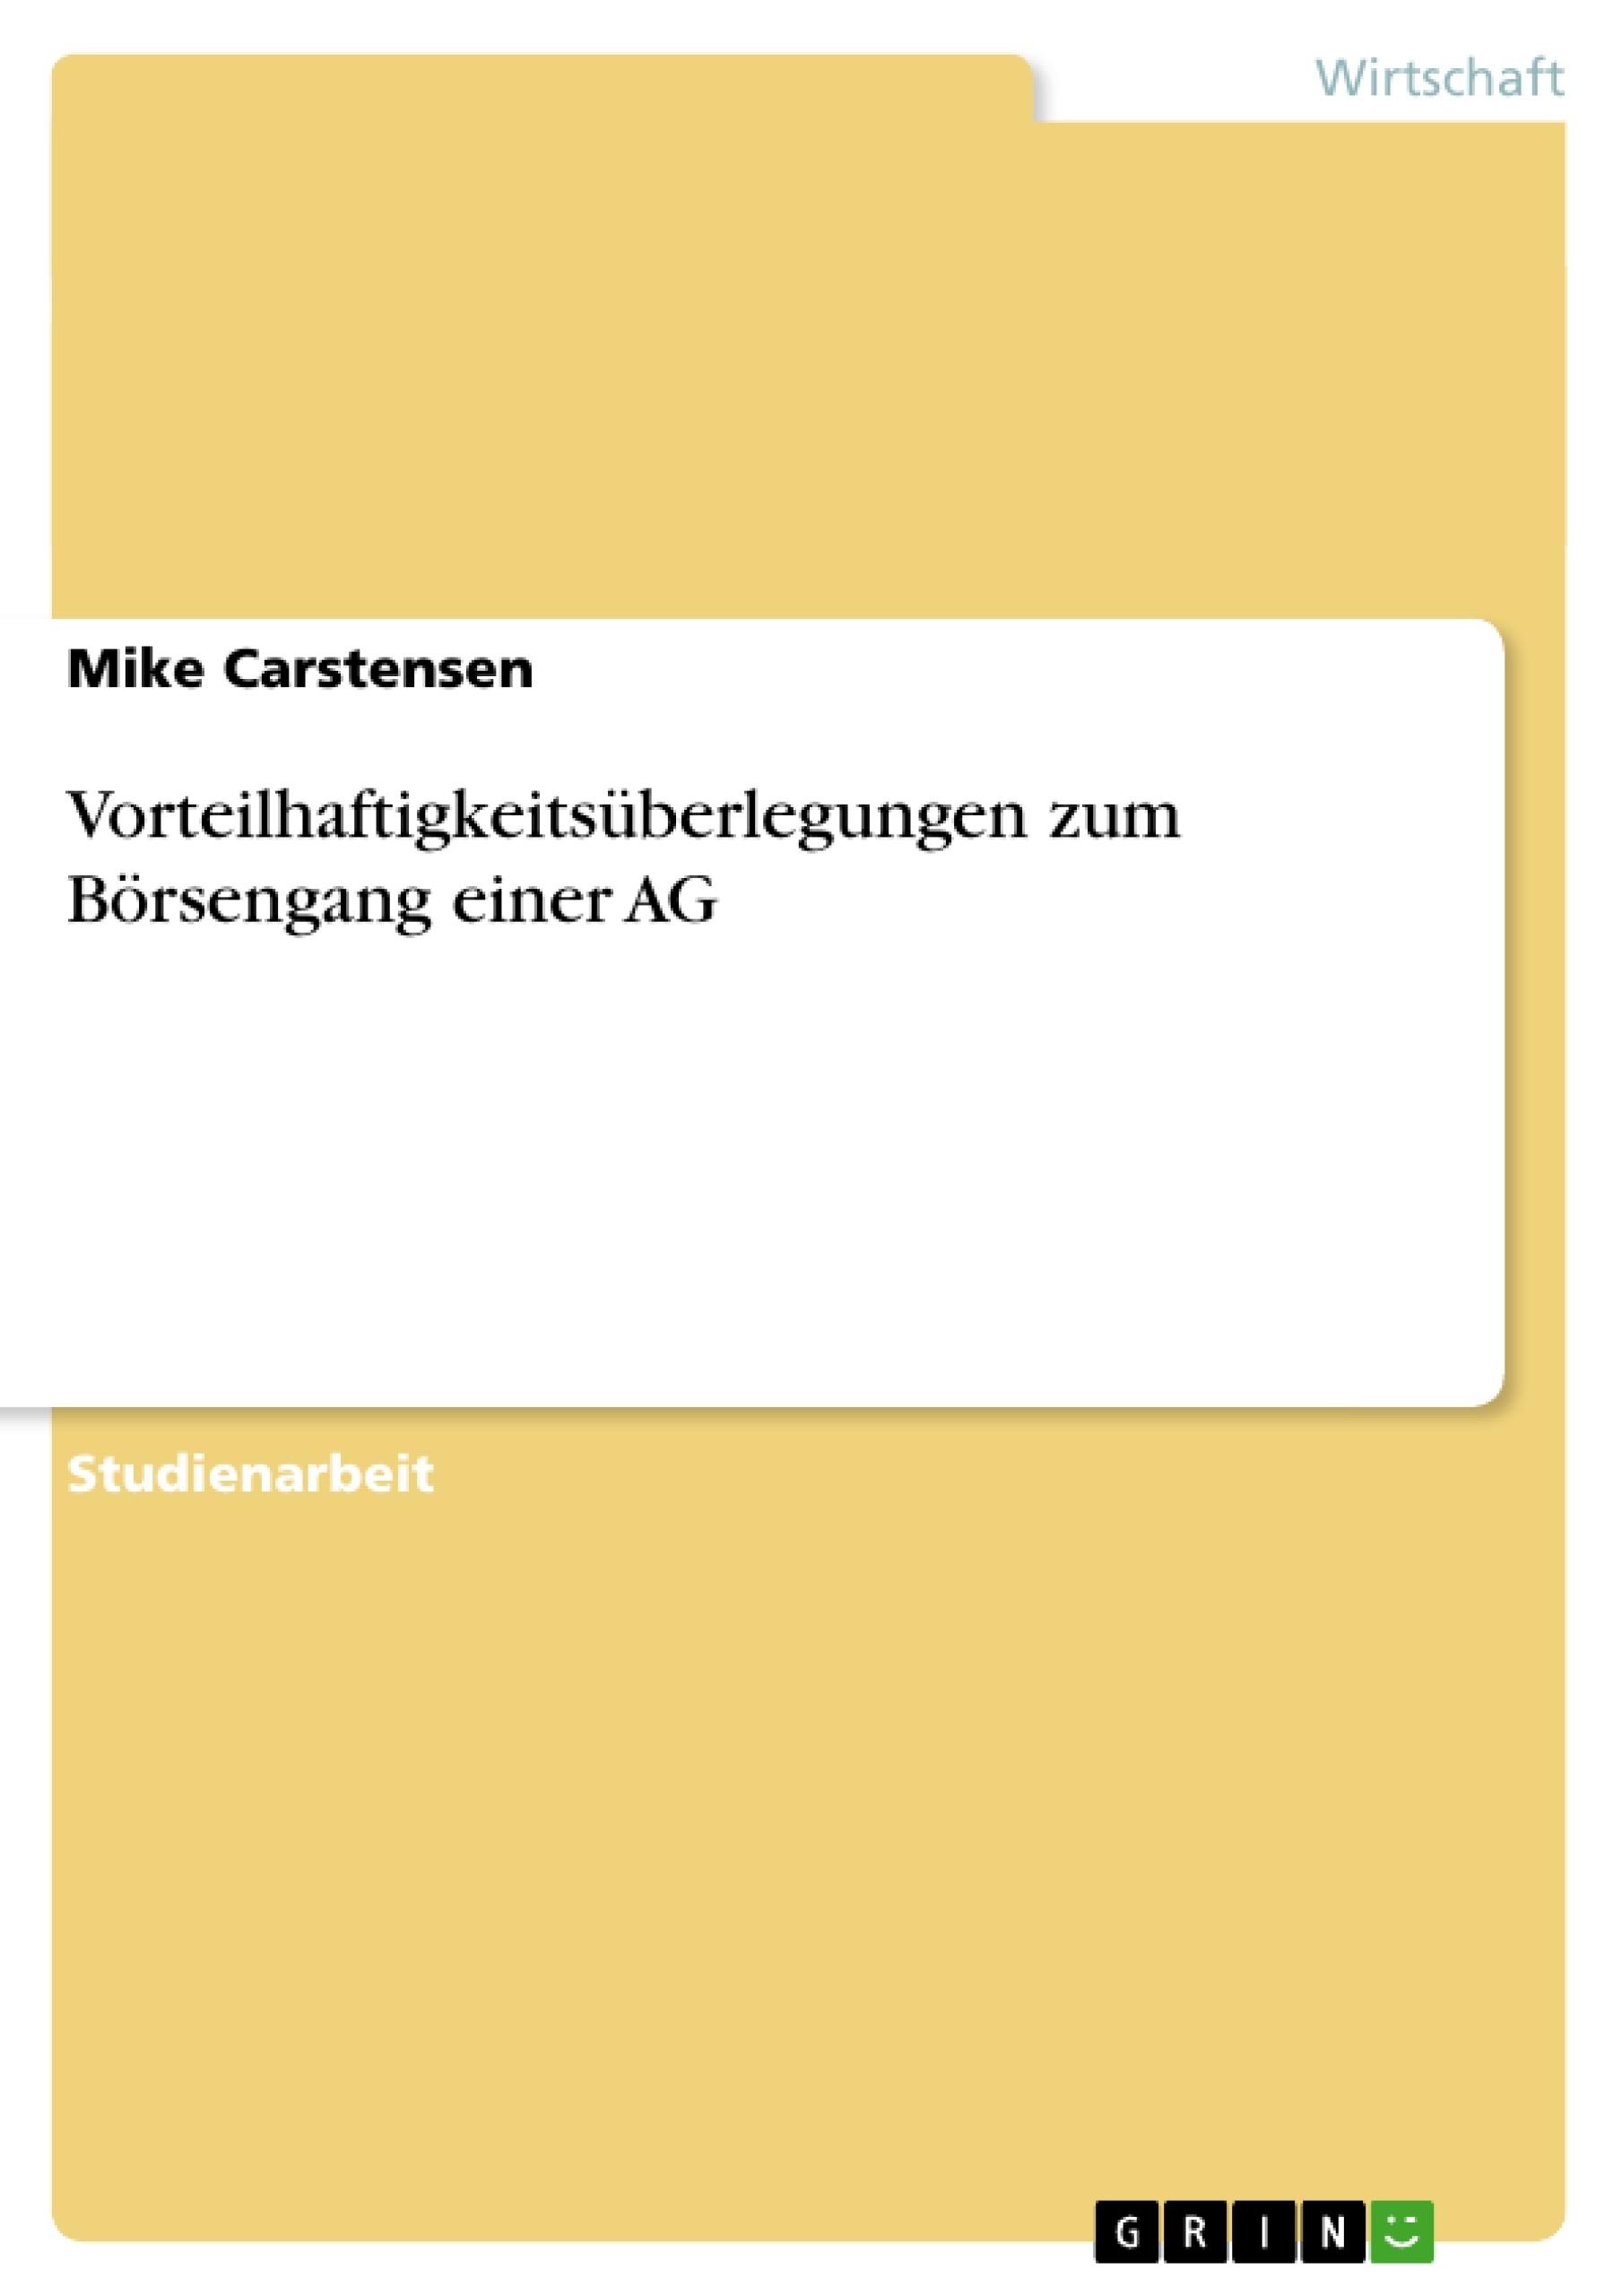 Titel: Vorteilhaftigkeitsüberlegungen zum Börsengang einer AG